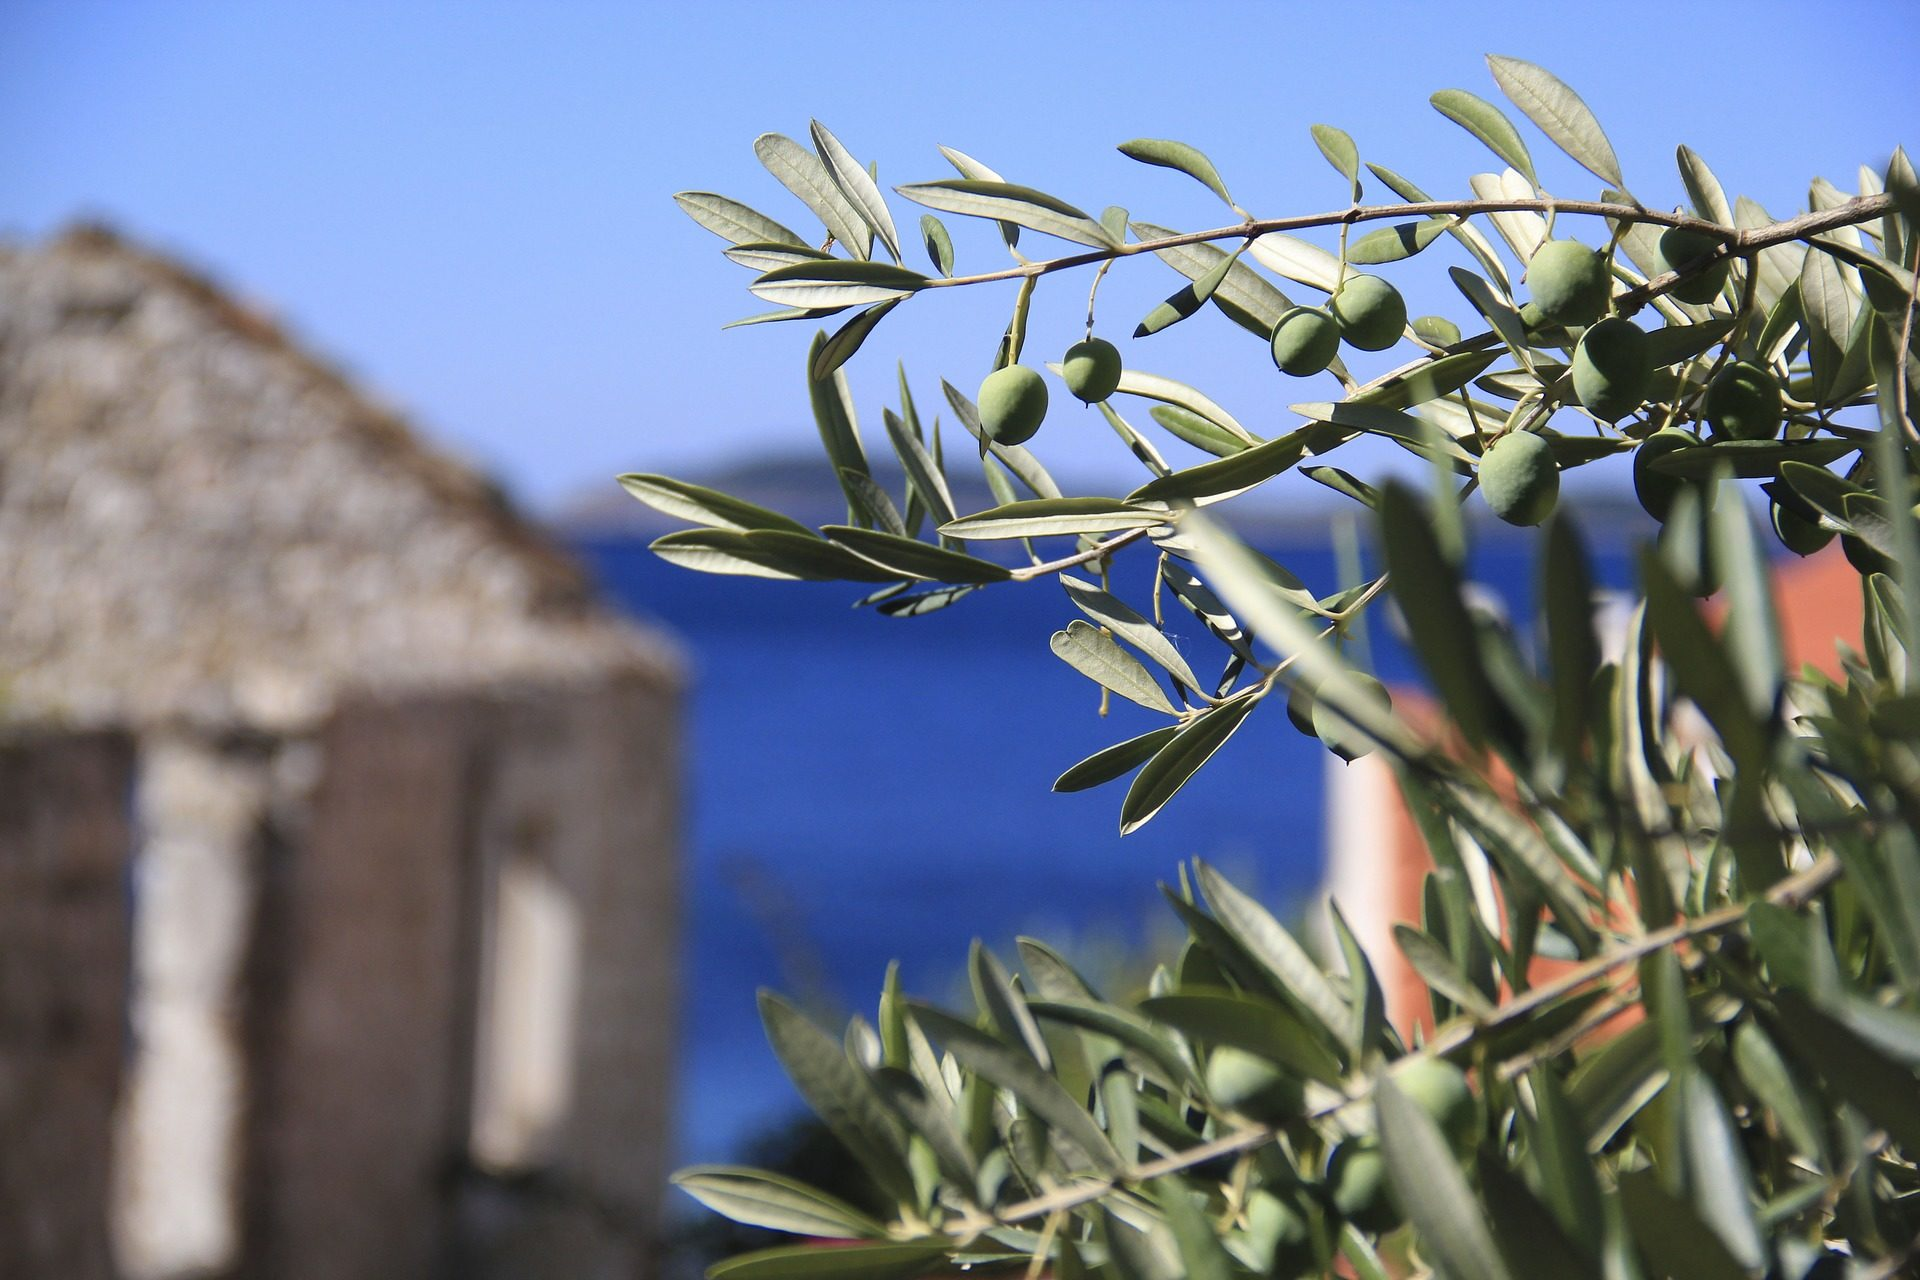 olivo, 橄榄, 树, 分支机构, 叶子, 接受, 地中海 - 高清壁纸 - 教授-falken.com